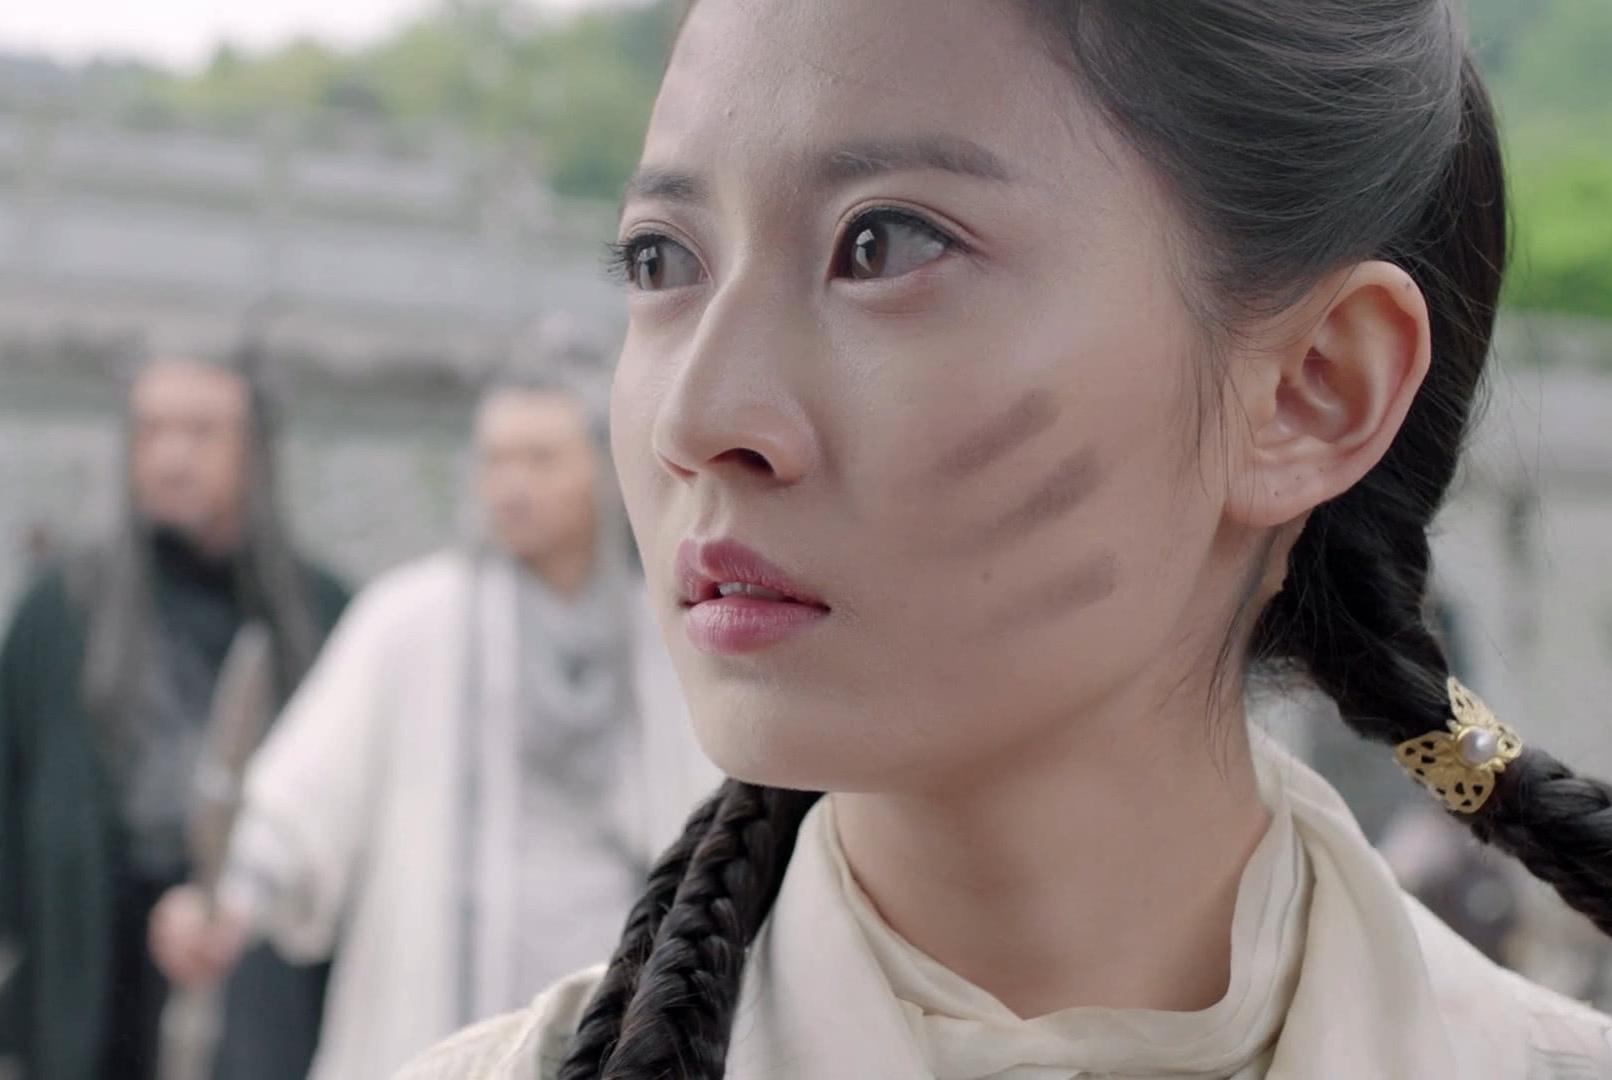 倚天屠龙记穿帮镜头!嘉靖提名的牌坊出现在元朝时期